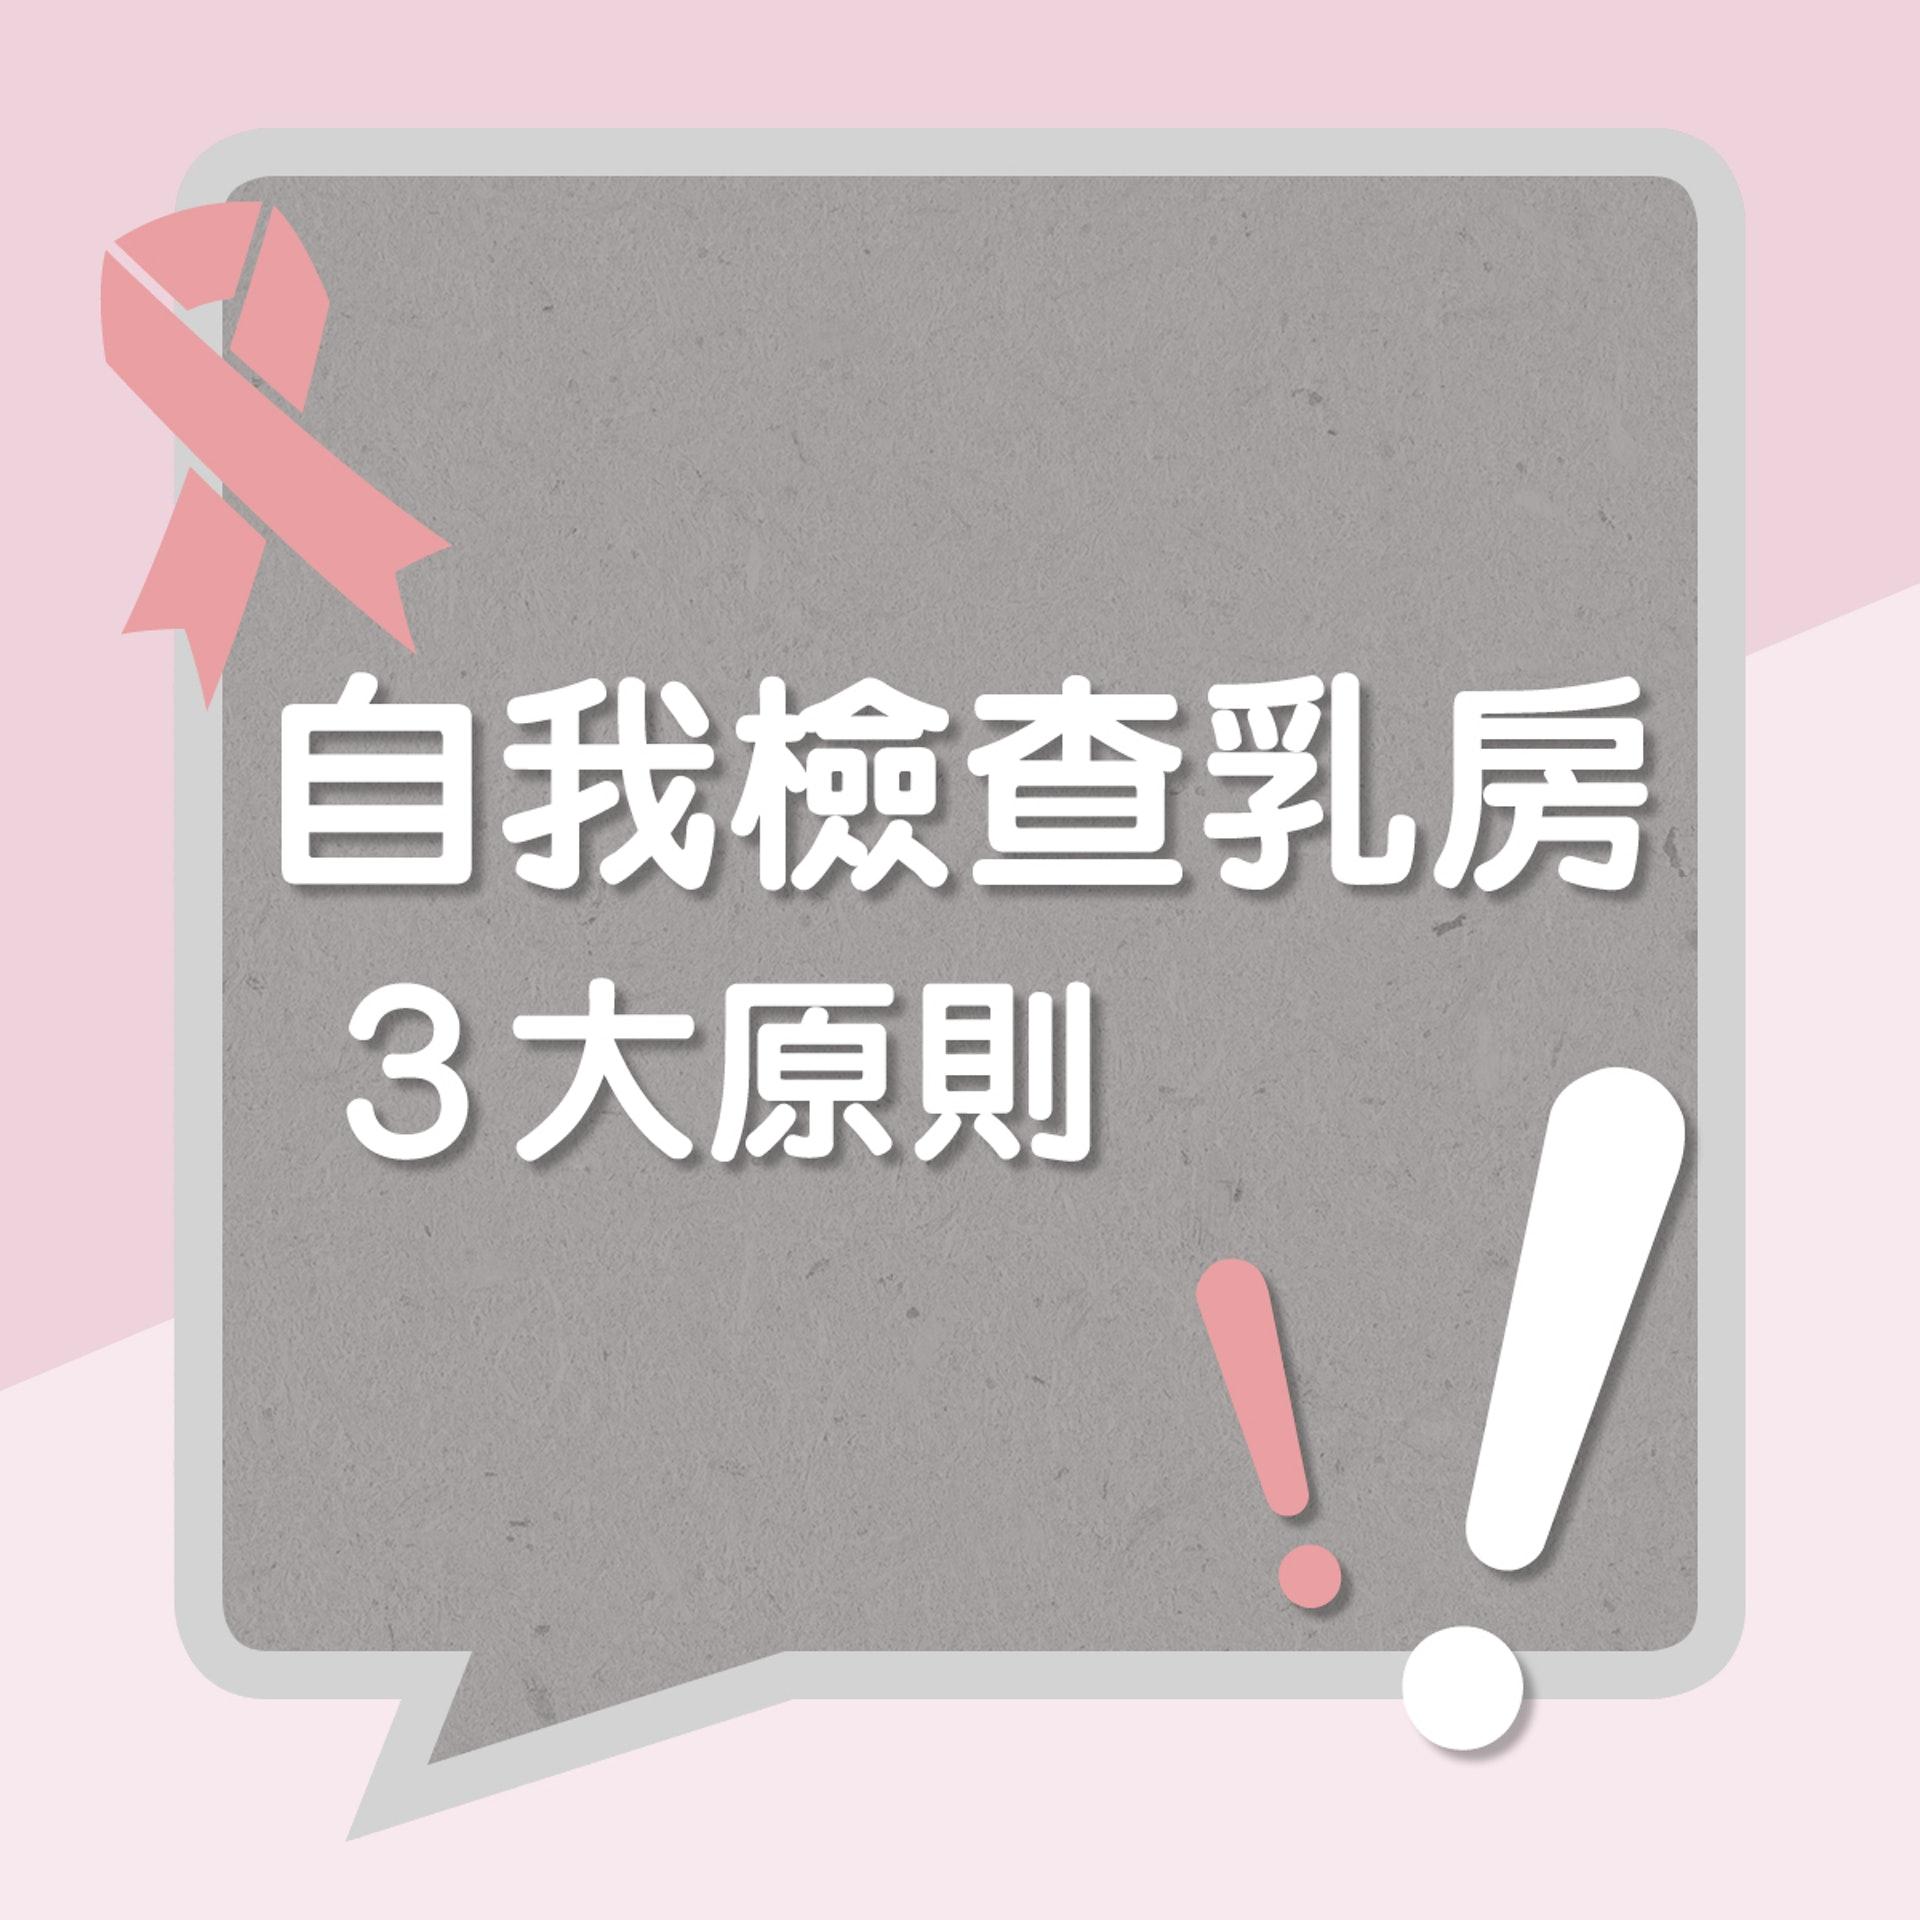 自我檢查乳房3大原則!(01製圖)